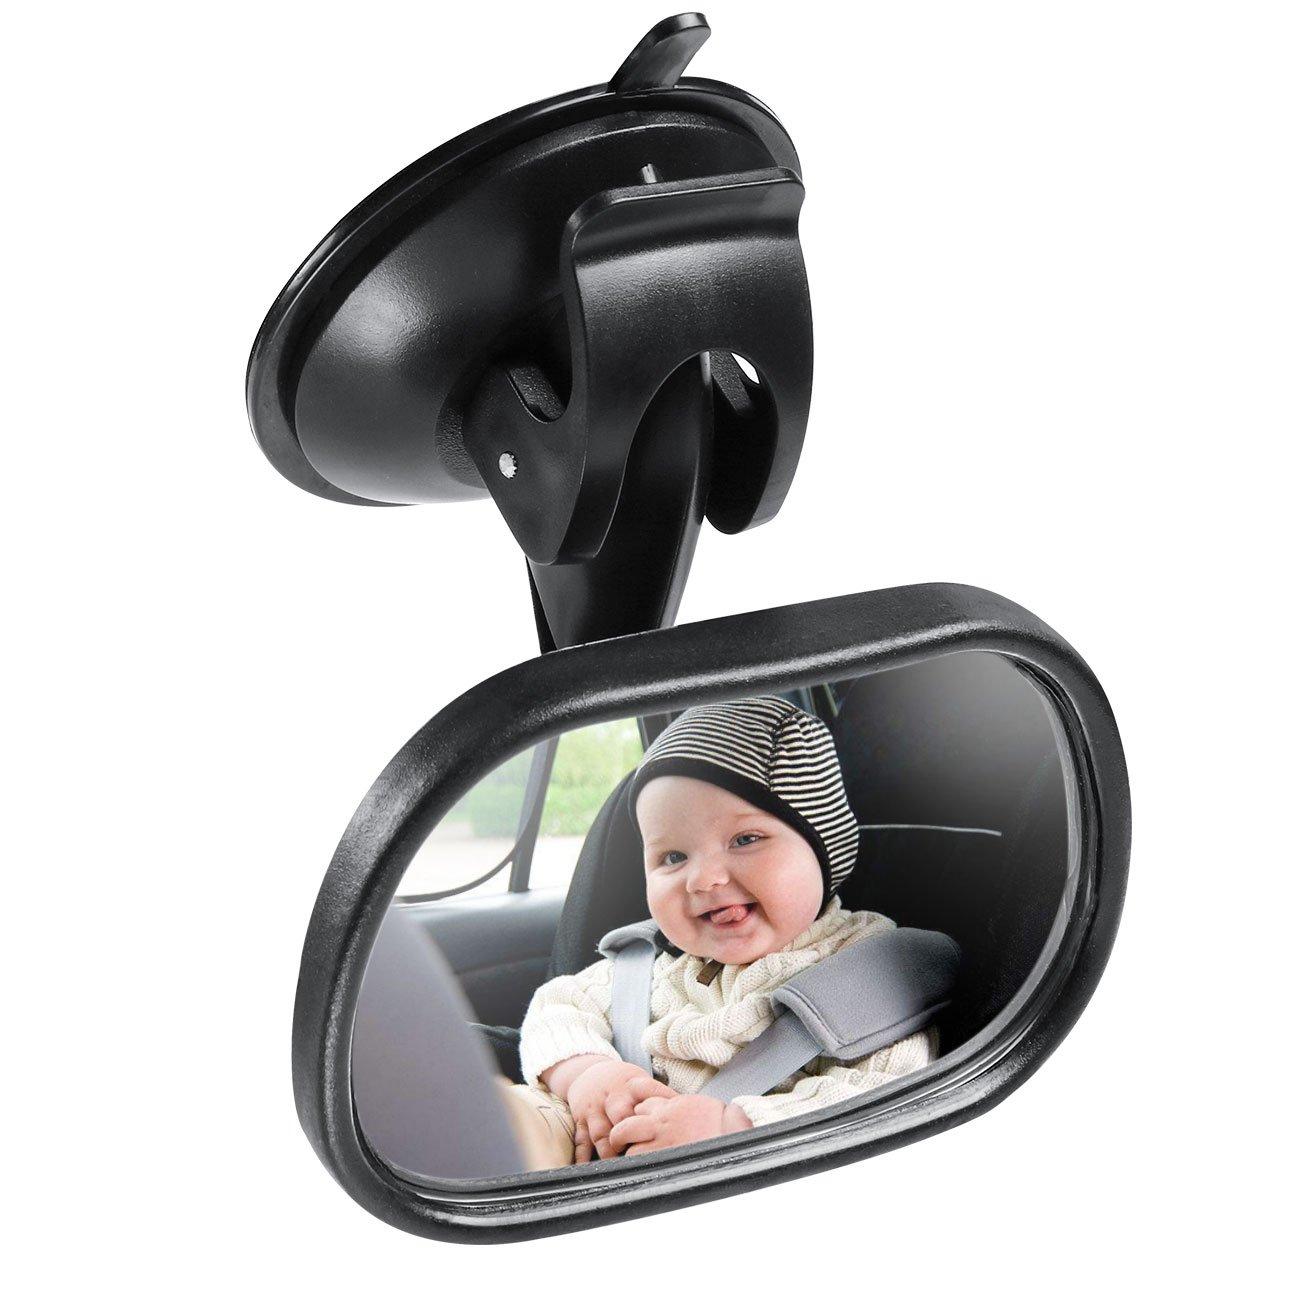 Spiegel Auto Baby, Rücksitzspiegel für Babys und Kinder, Sicherheitsspiegel für Kinderschale, Babyschale, Rückwärtssitz, Rear View Mirror Car mit 360° Schwenkbar Shatterproof Material Rückwärtssitz BRAND CENTRE